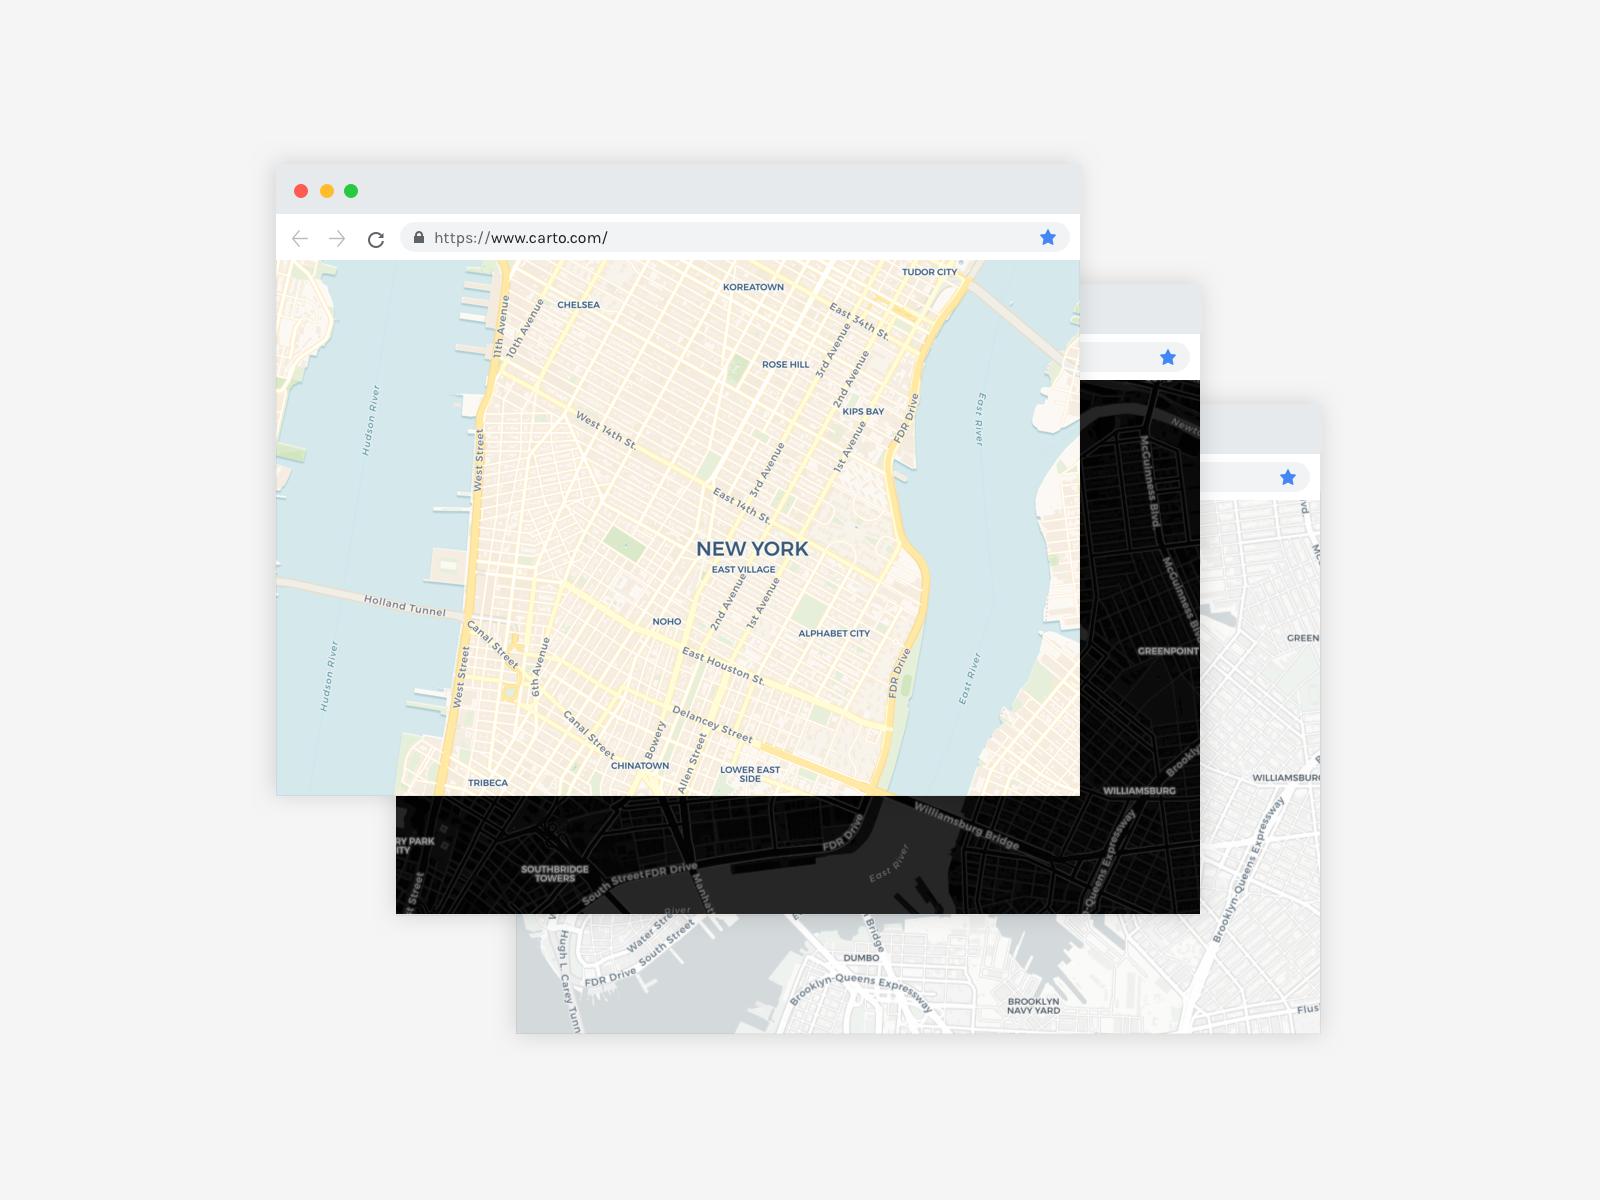 CARTO maps